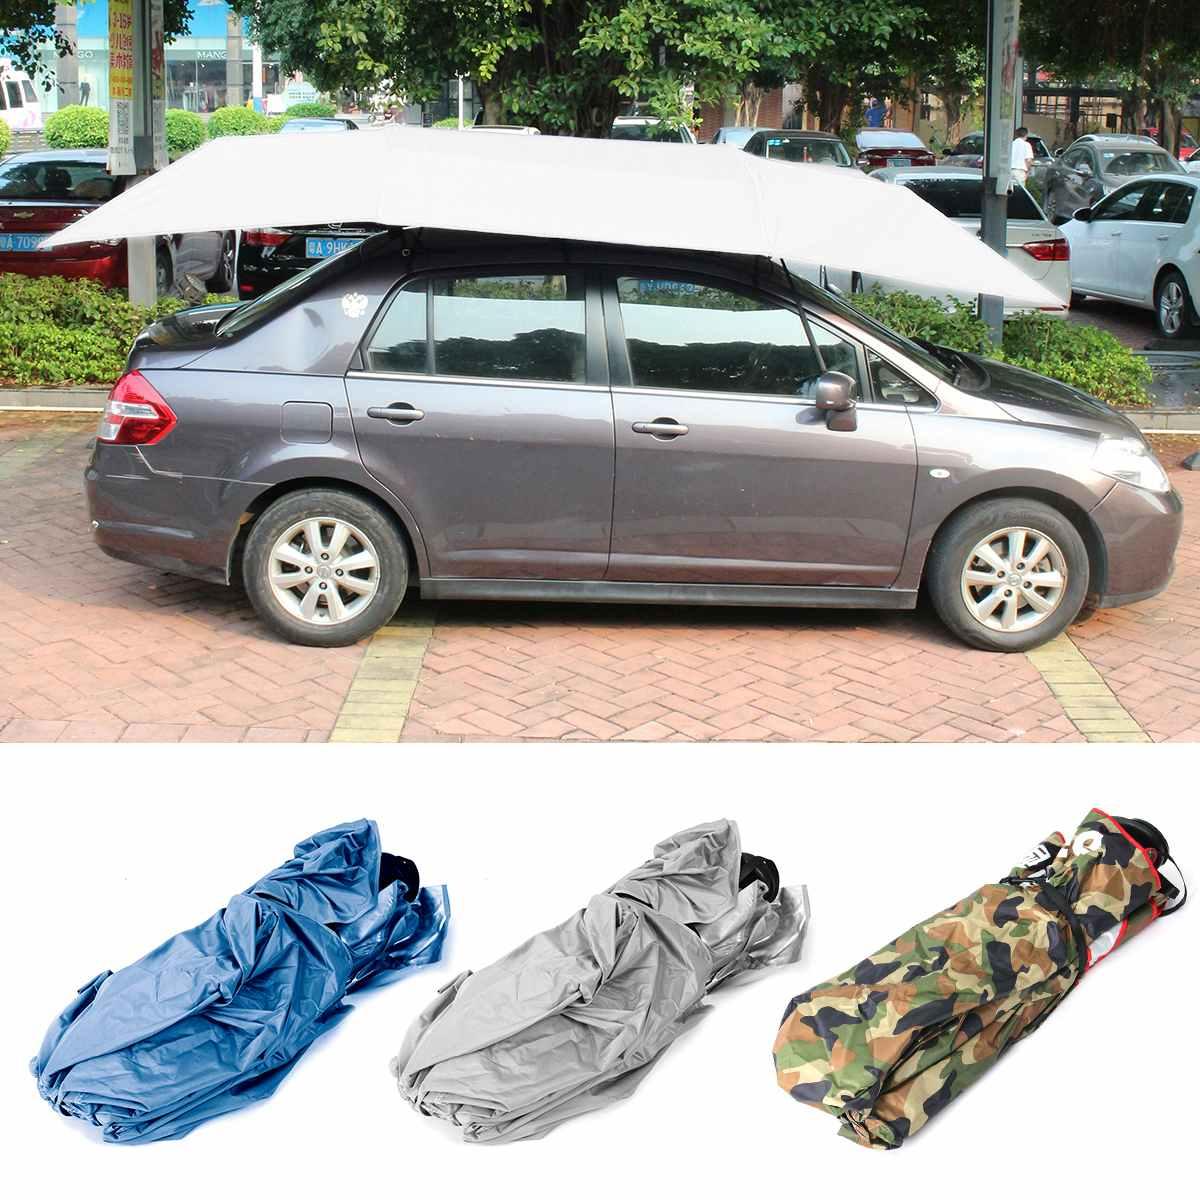 400x210cm automatique voiture parapluie parasol tente couverture de toit Anti-UV Protection chaude extérieur protecteur soleil ombre été